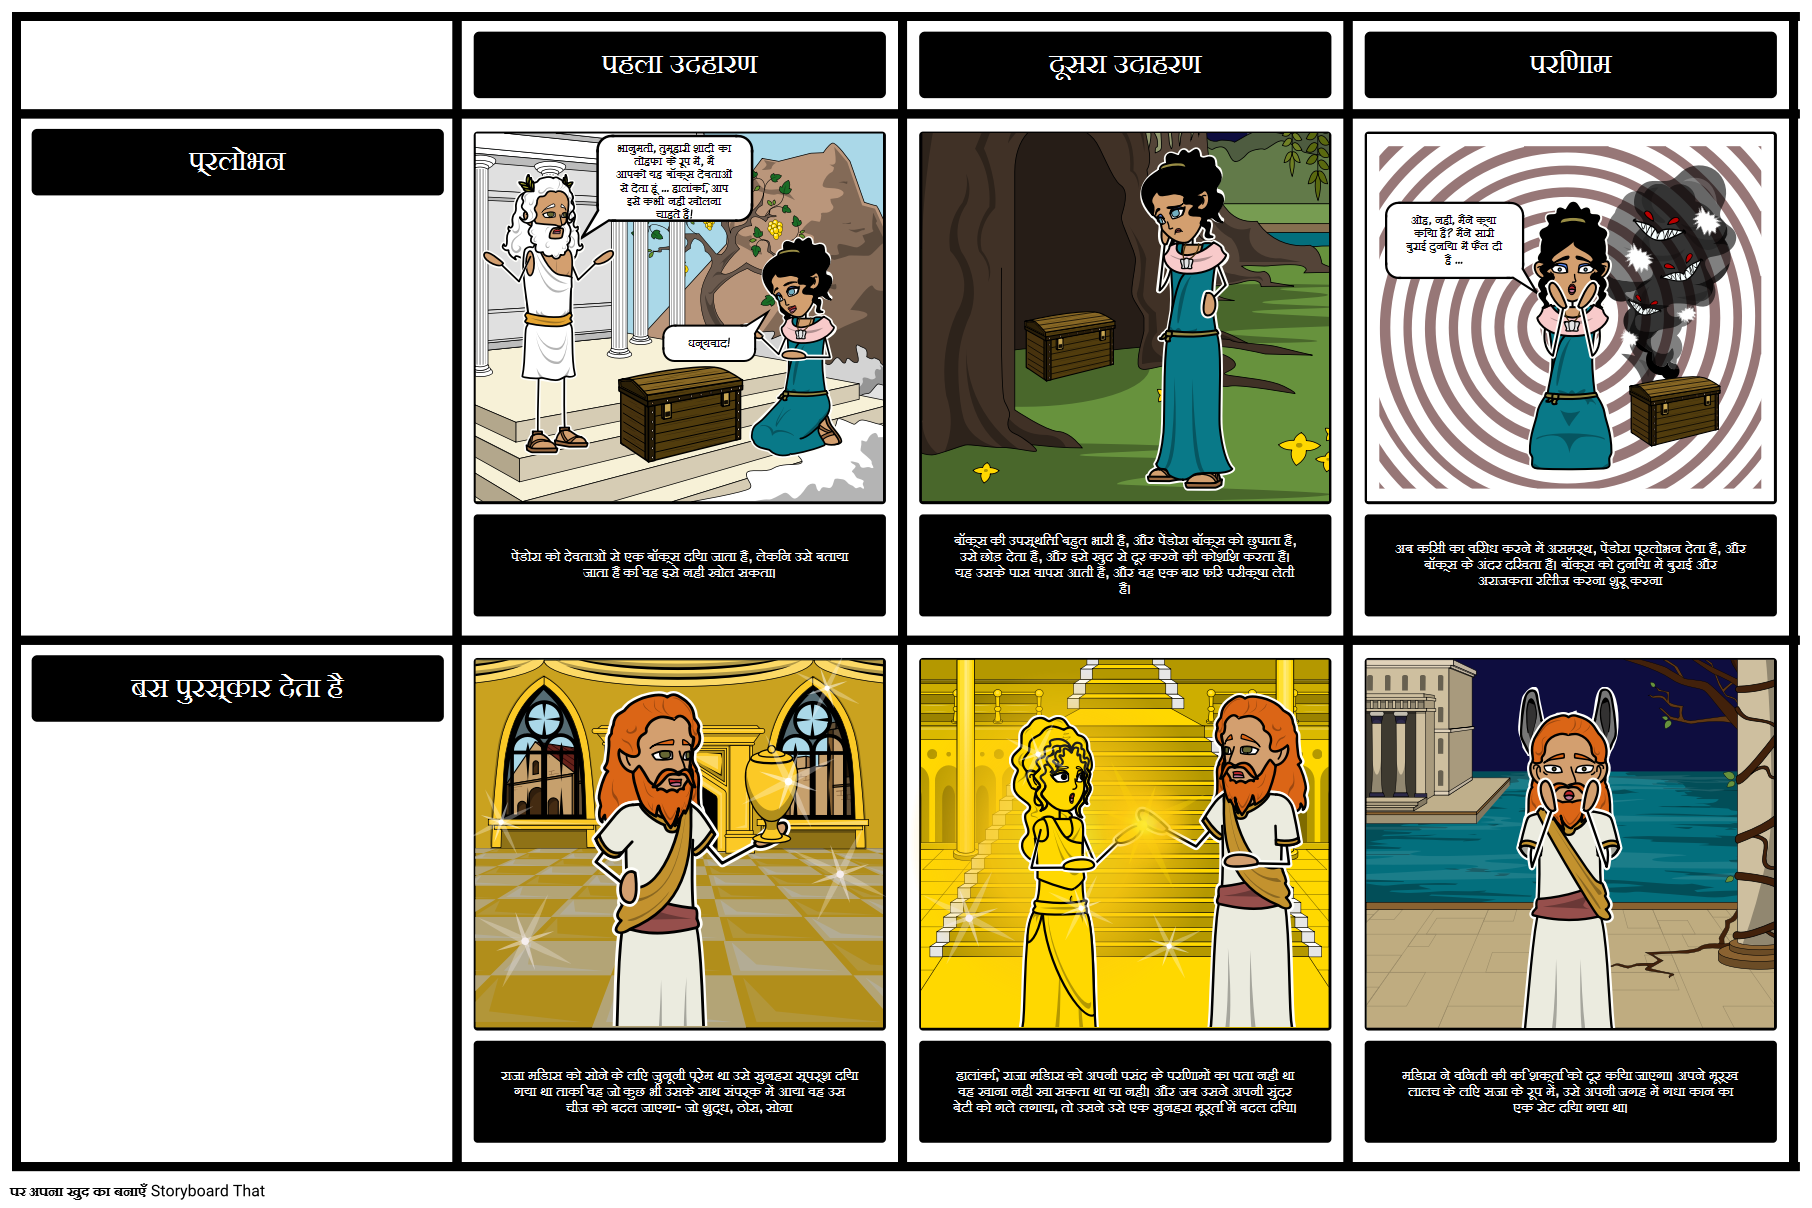 ग्रीक पौराणिक कथाओं - भानुमती का पिटारा विषय-वस्तु